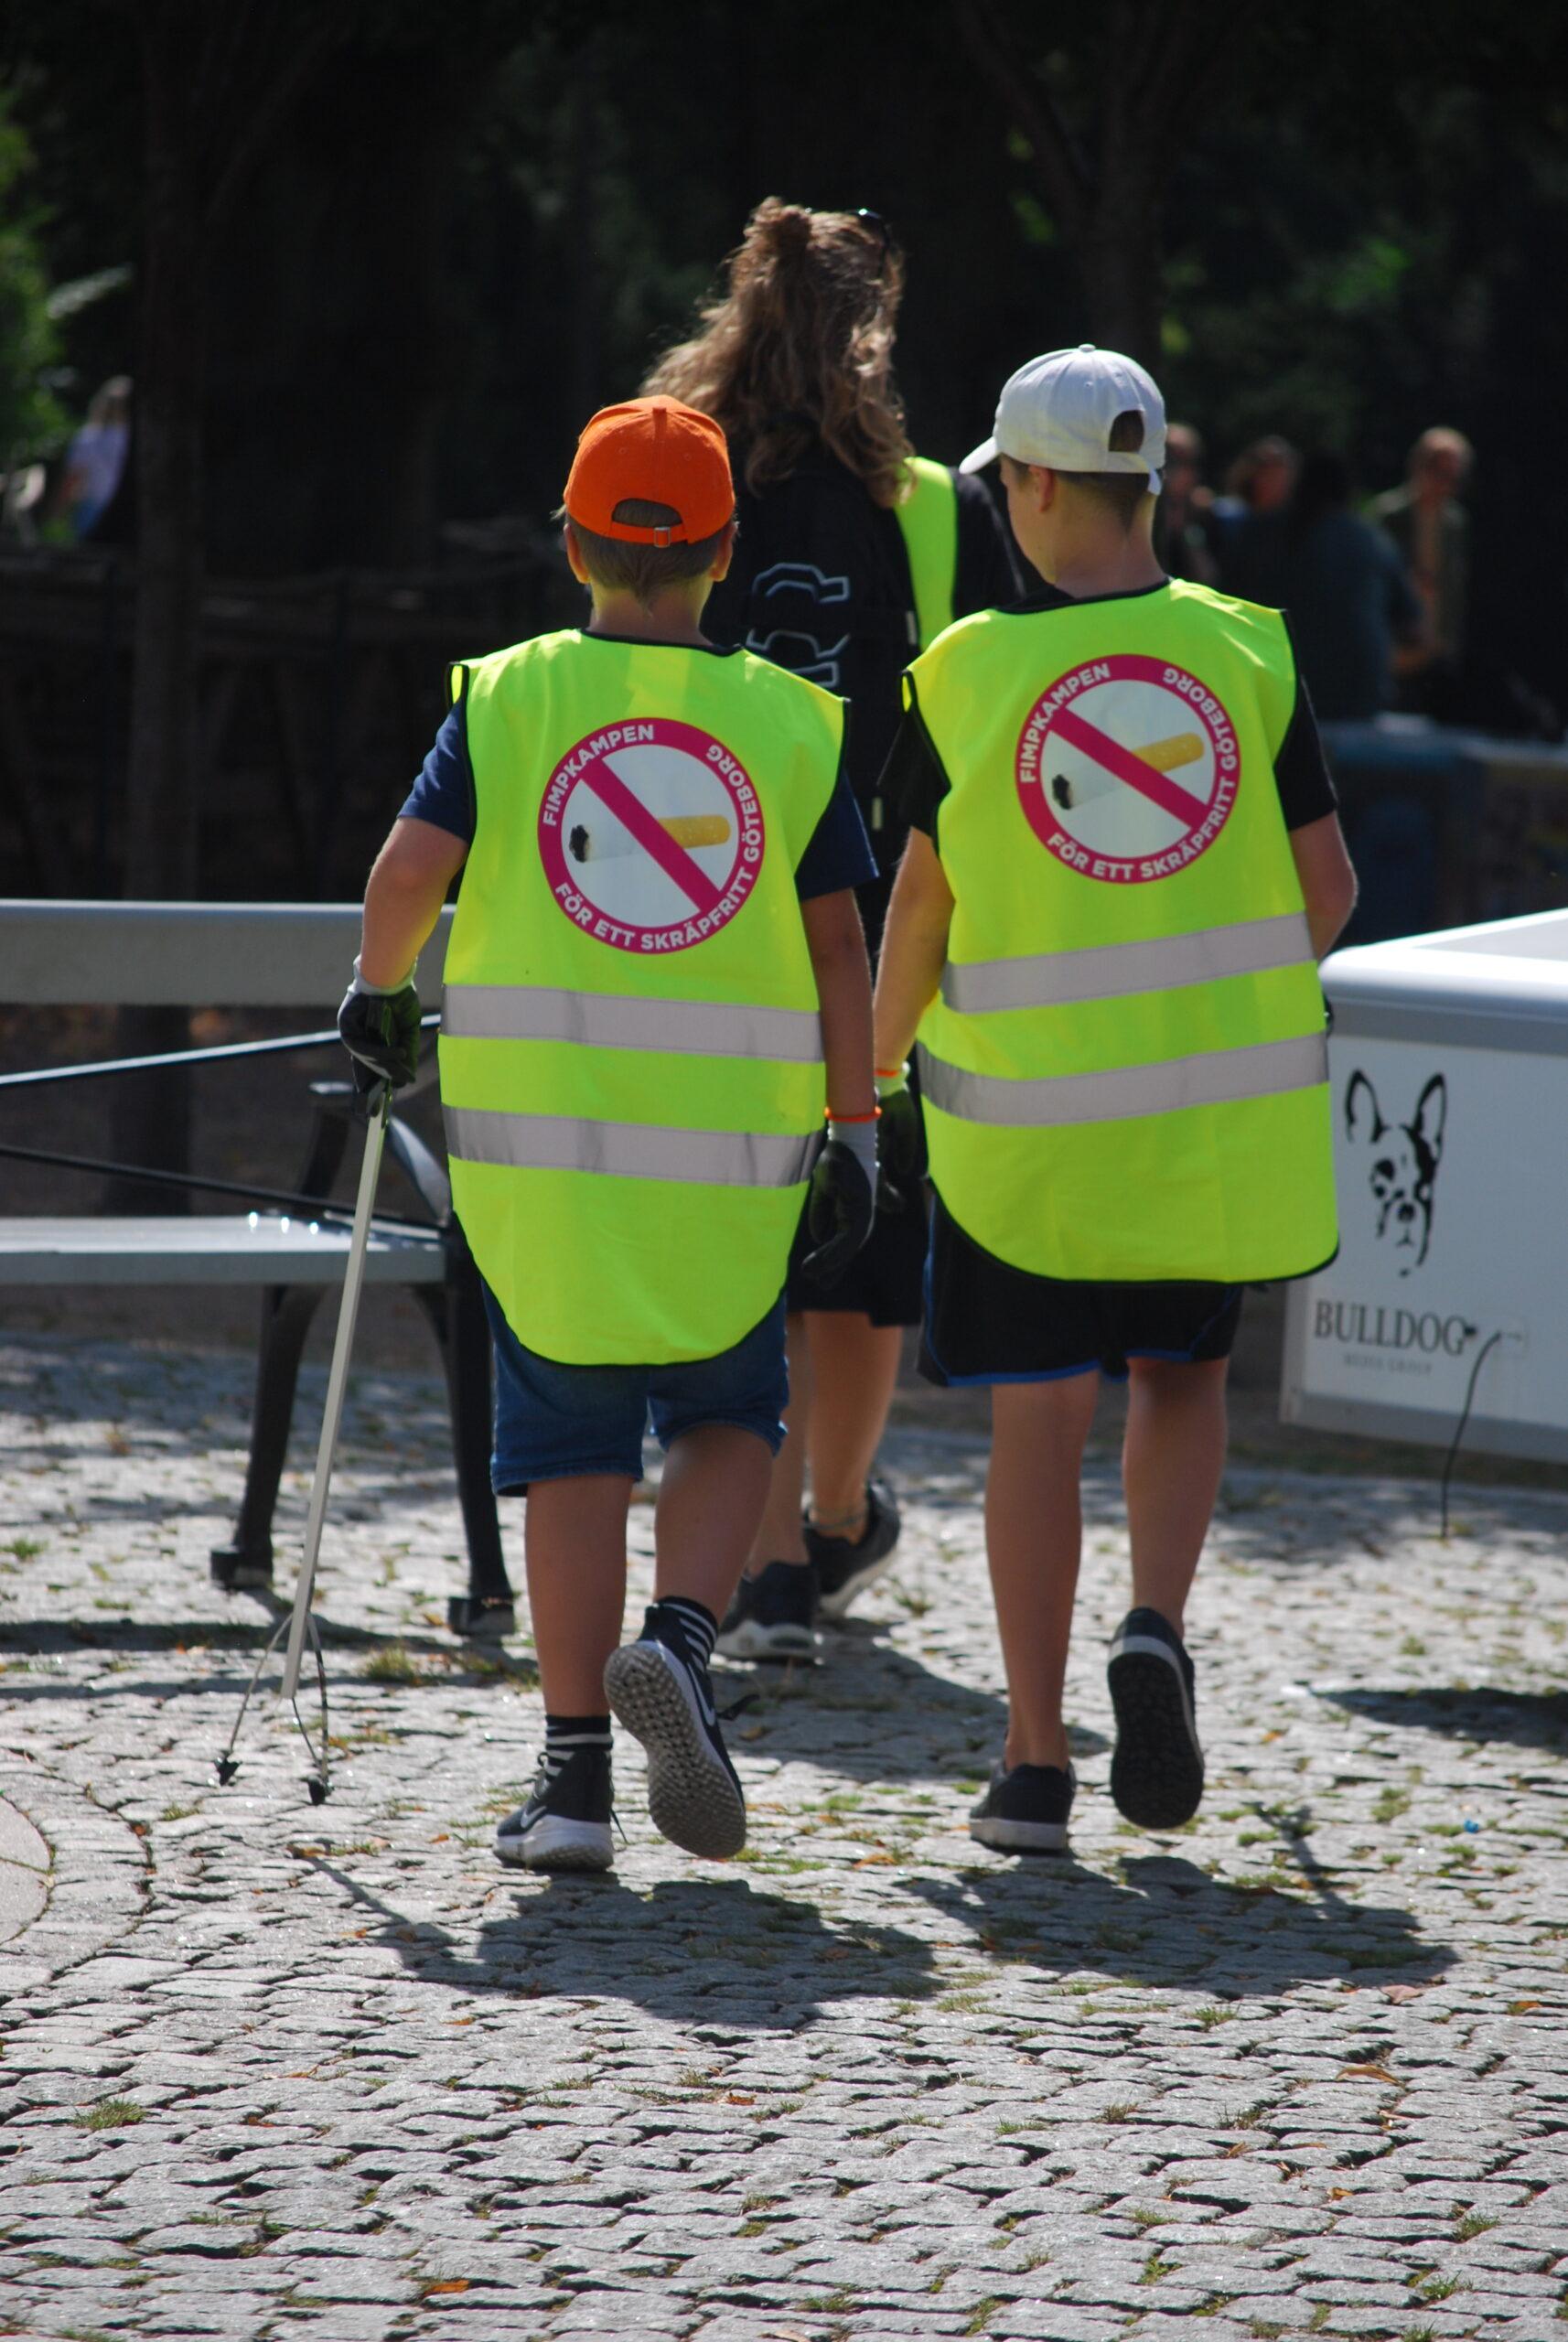 Fimpkampen- för ett ännu renare Göteborg